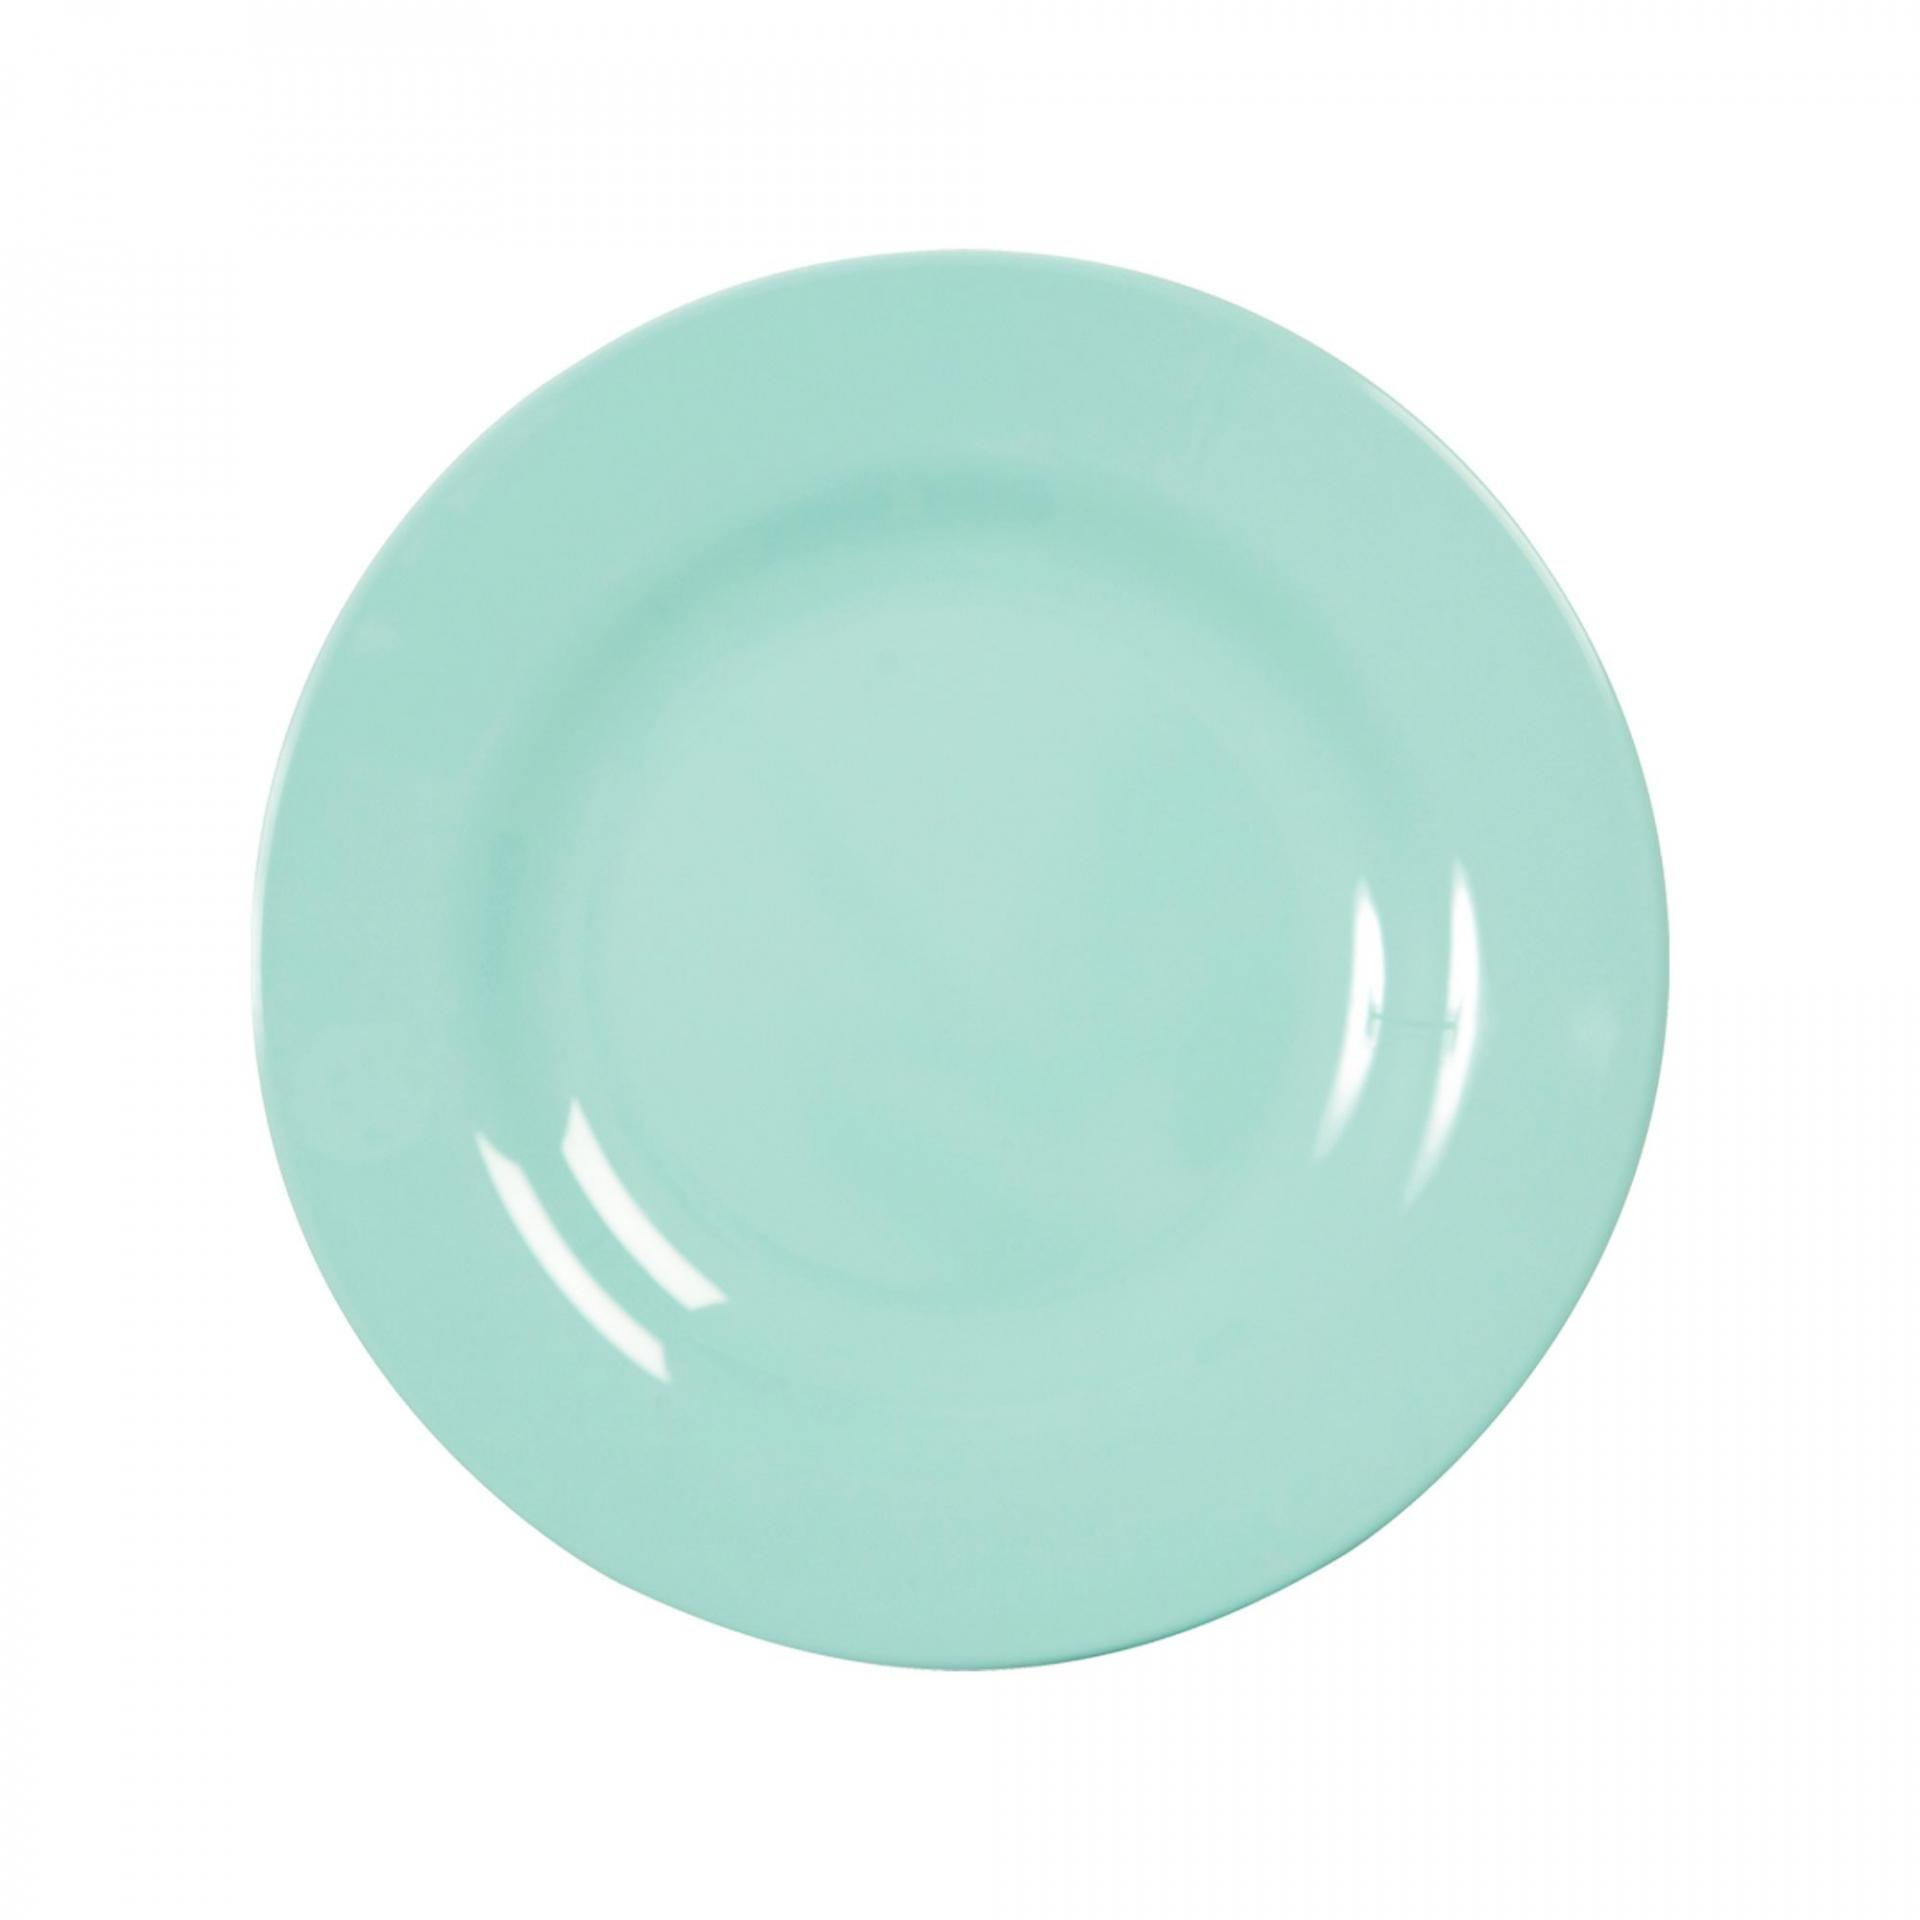 rice Melaminový talíř Dark Mint - menší, zelená barva, melamin 20 cm